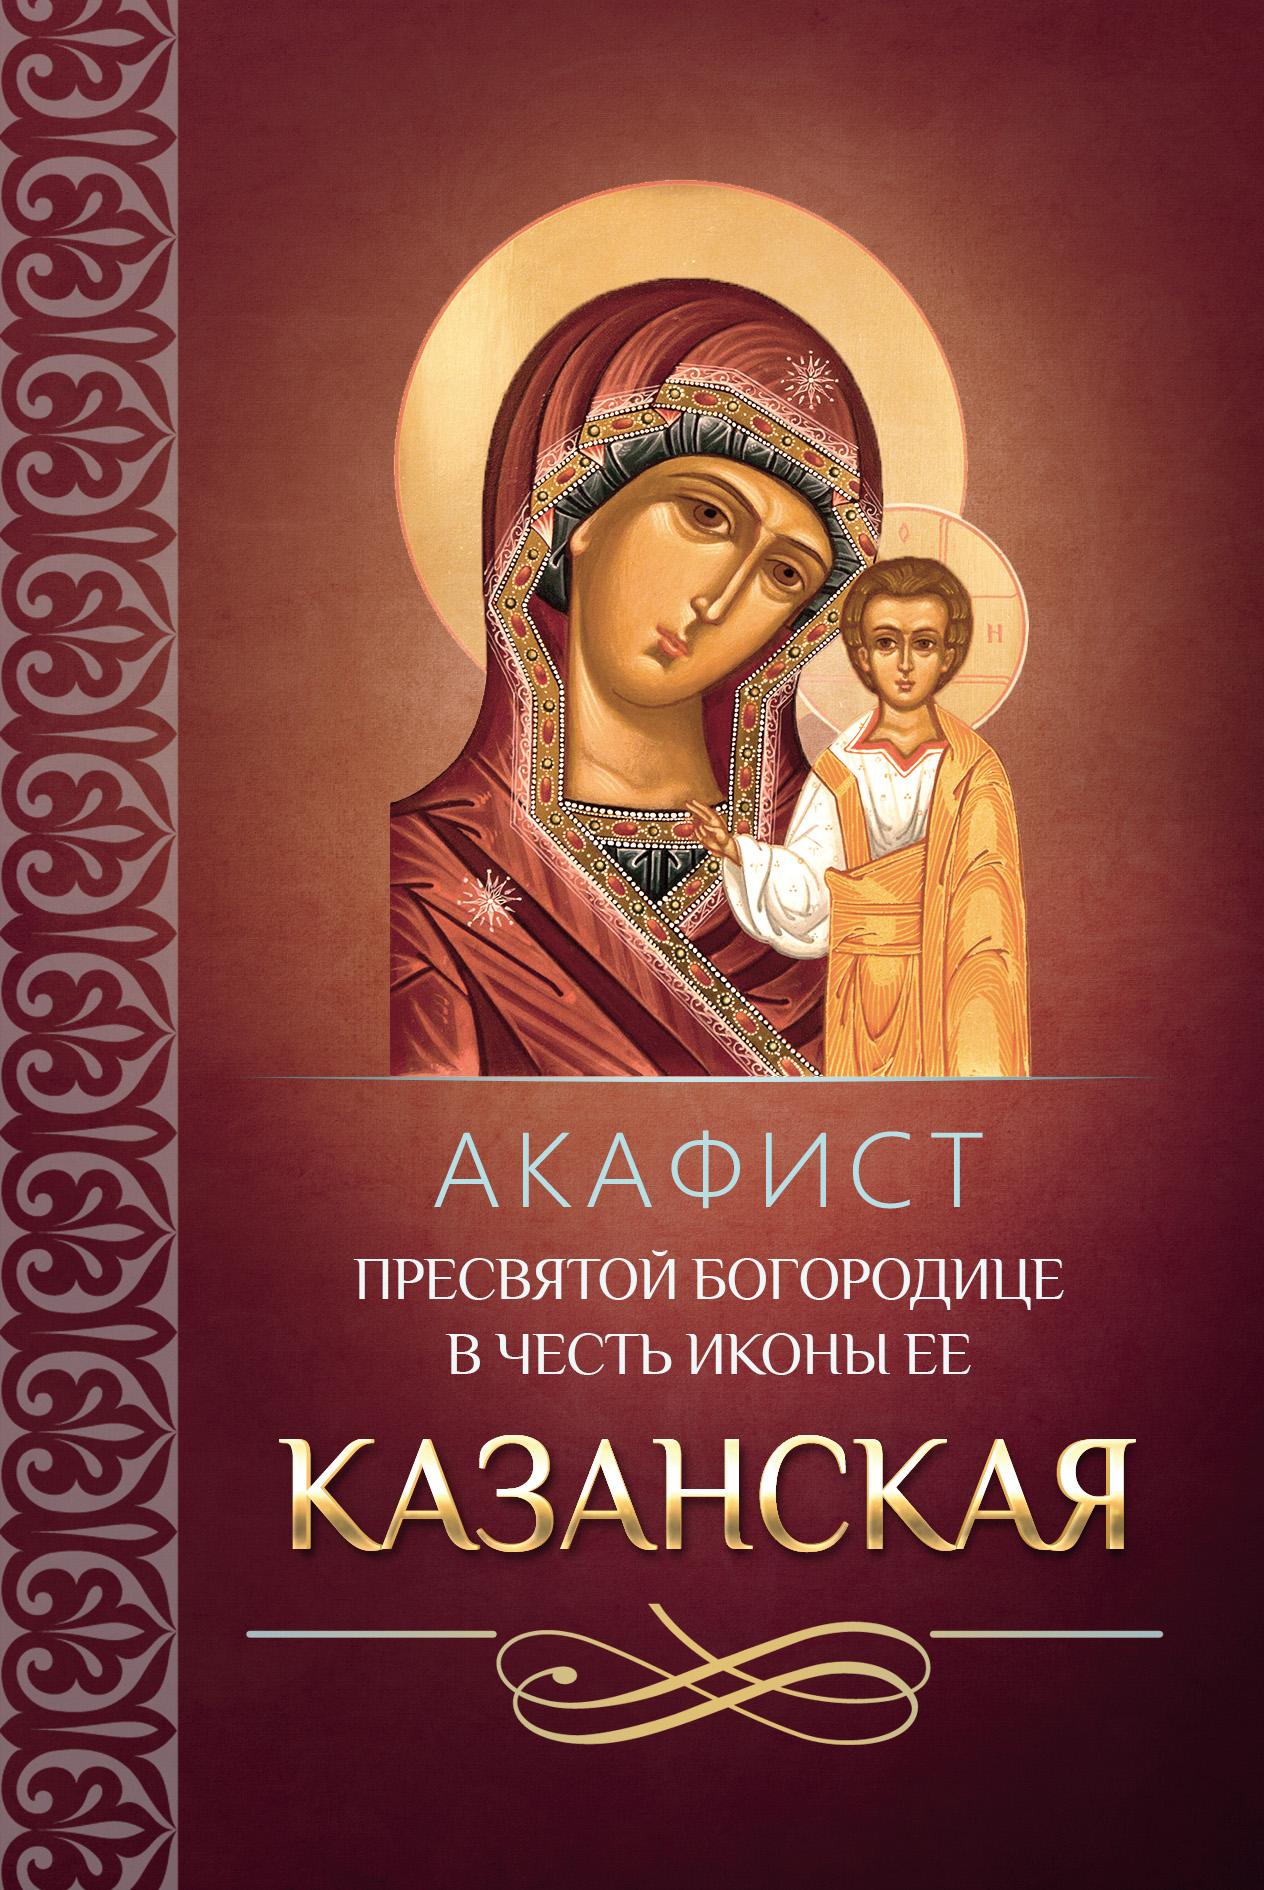 цена на Сборник Акафист Пресвятой Богородице в честь иконы Ее Казанская